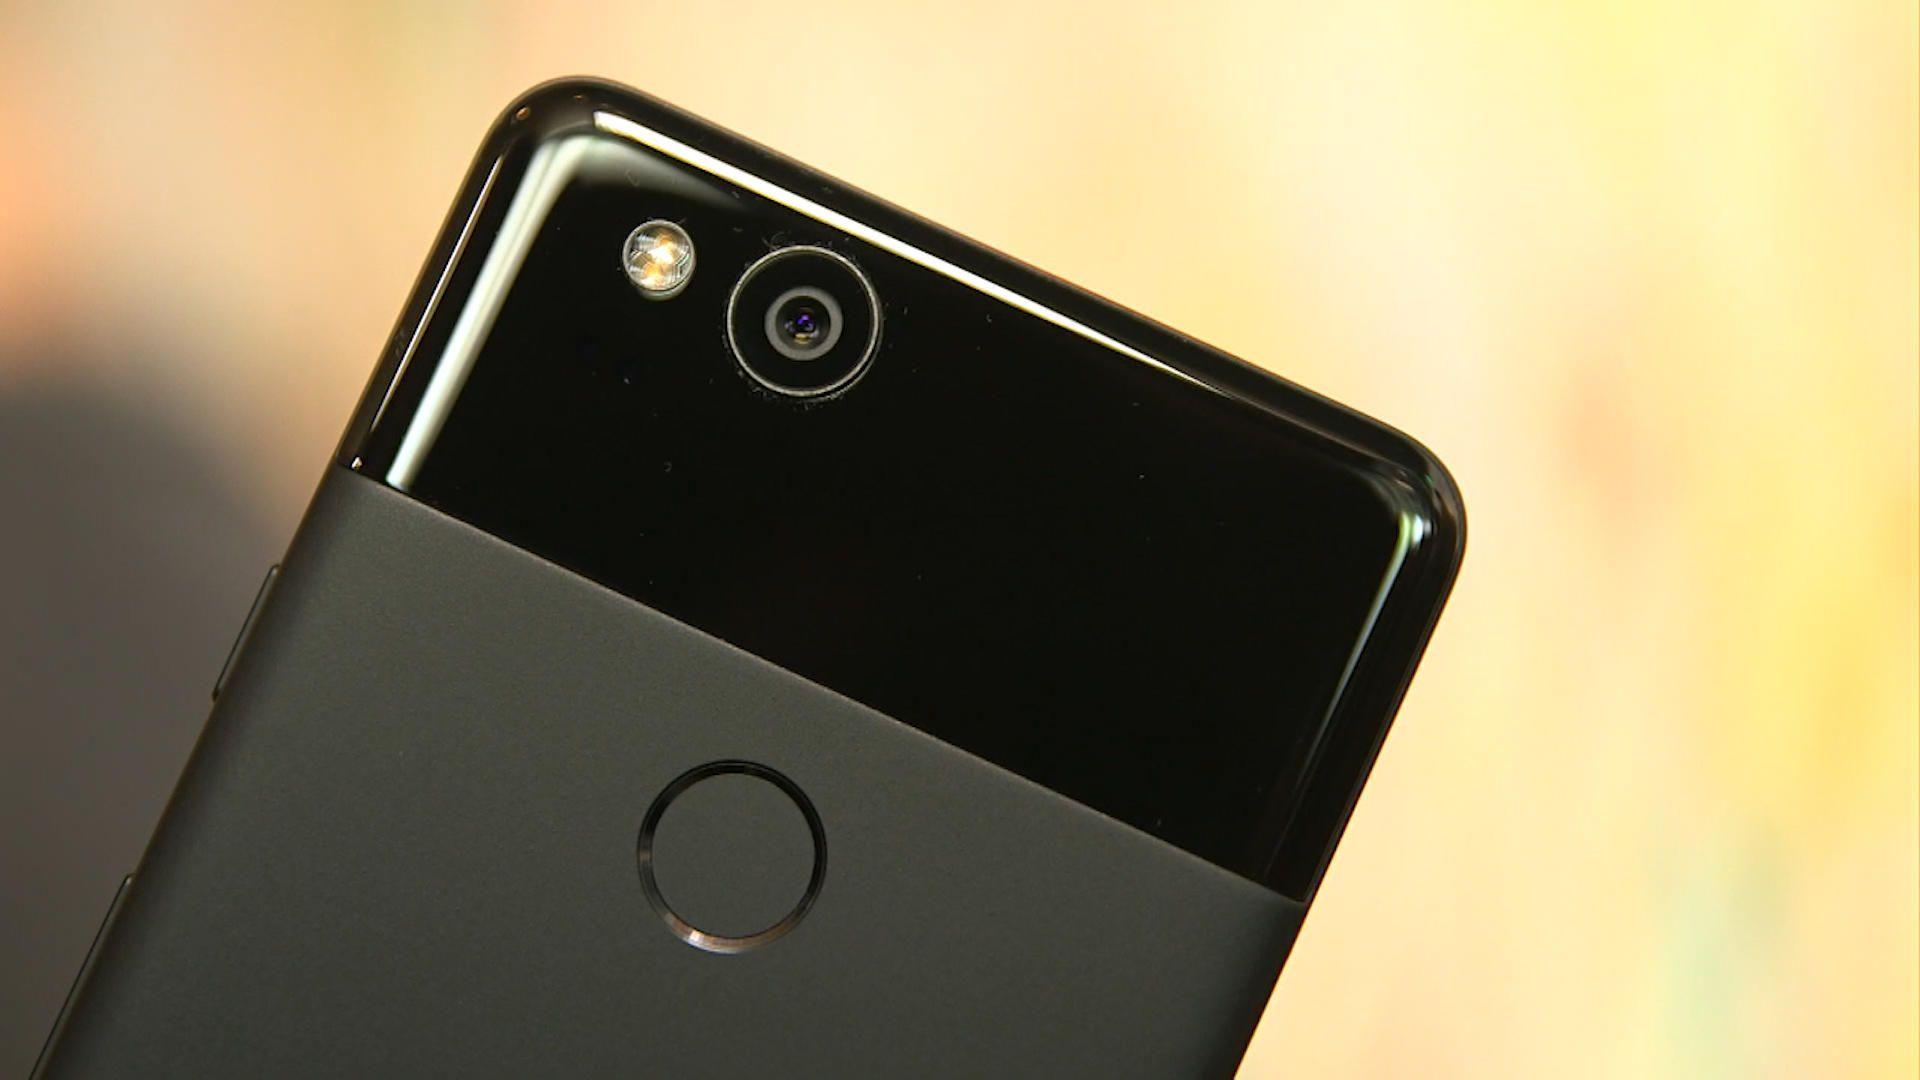 Google Pixel 3 XL lộ hình ảnh thực tế với màn hình tai thỏ, viền dưới rất dày